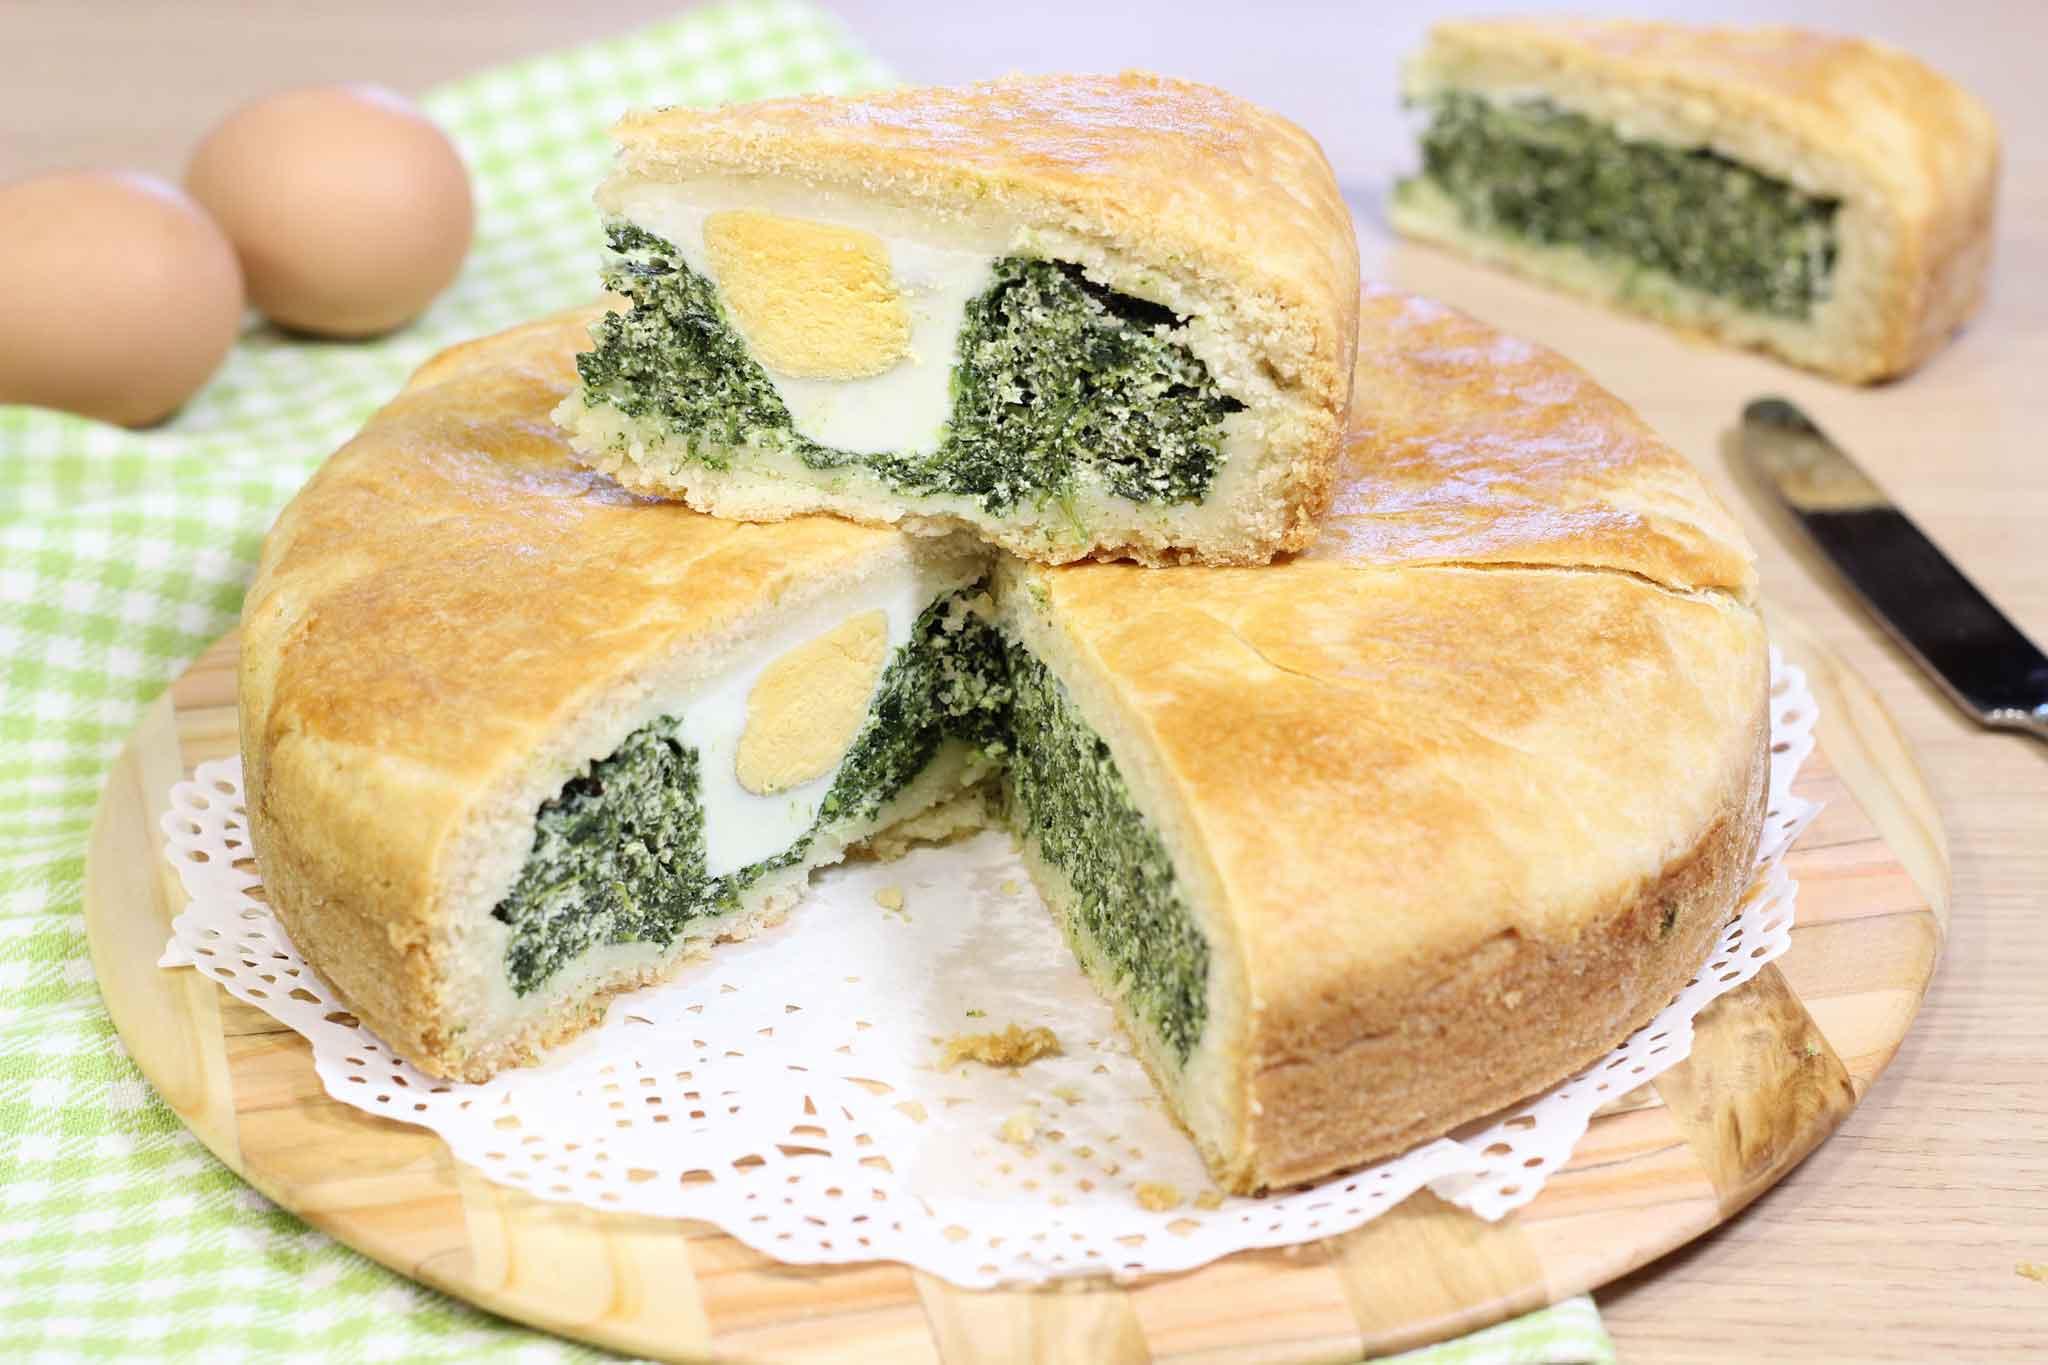 Torta pasqualina tutte le ricette da fare a casa for Torta di mele e yogurt fatto in casa da benedetta